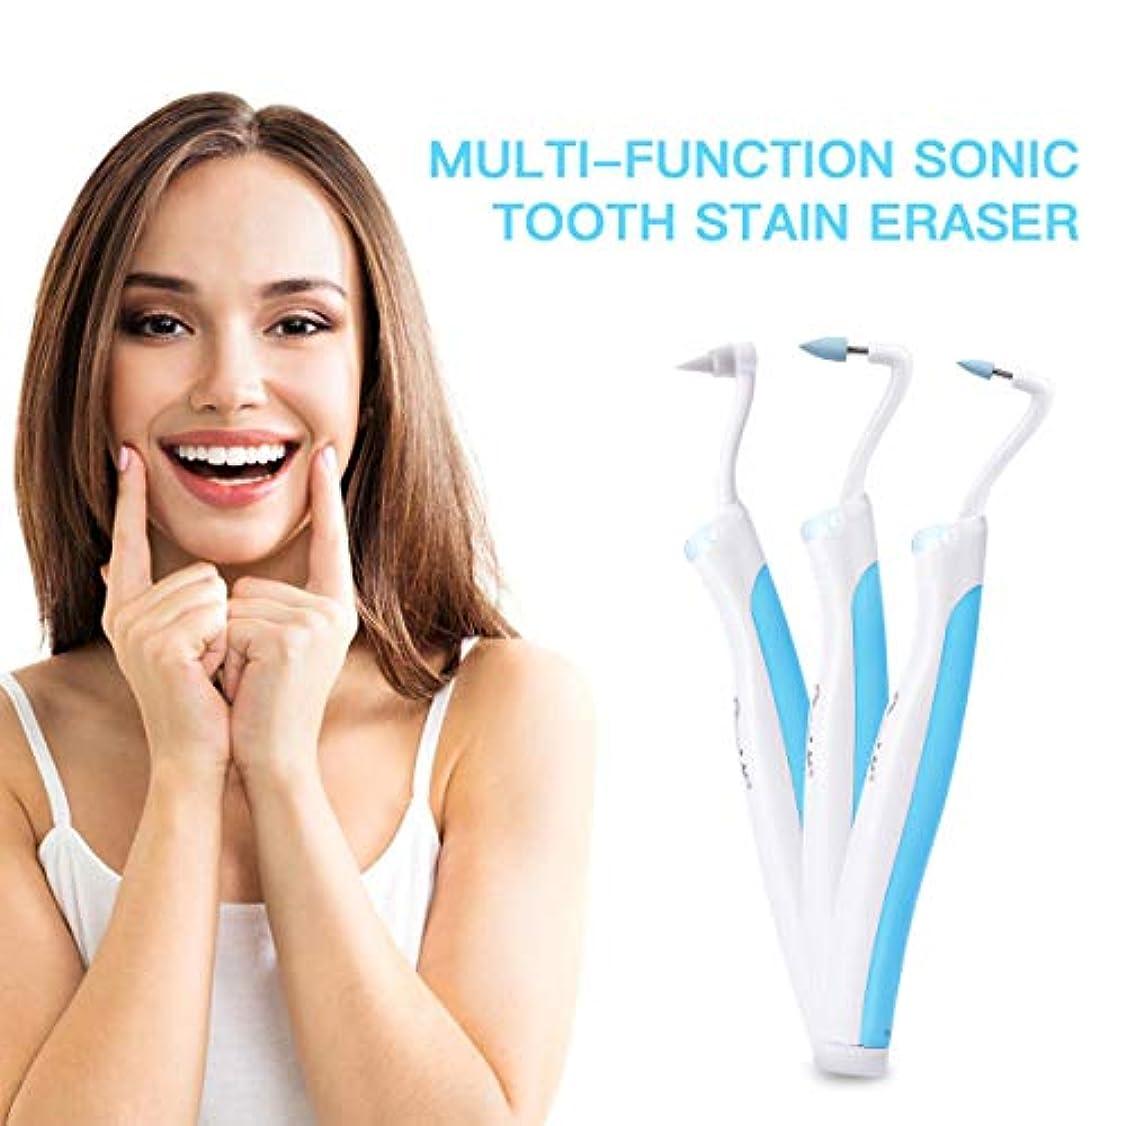 協定座標テクスチャー歯の消しゴム 電動 LED 歯科用ツール 歯間クリーナー CkeyiN 歯石取り 歯垢取り 口腔ケア オーラルケア